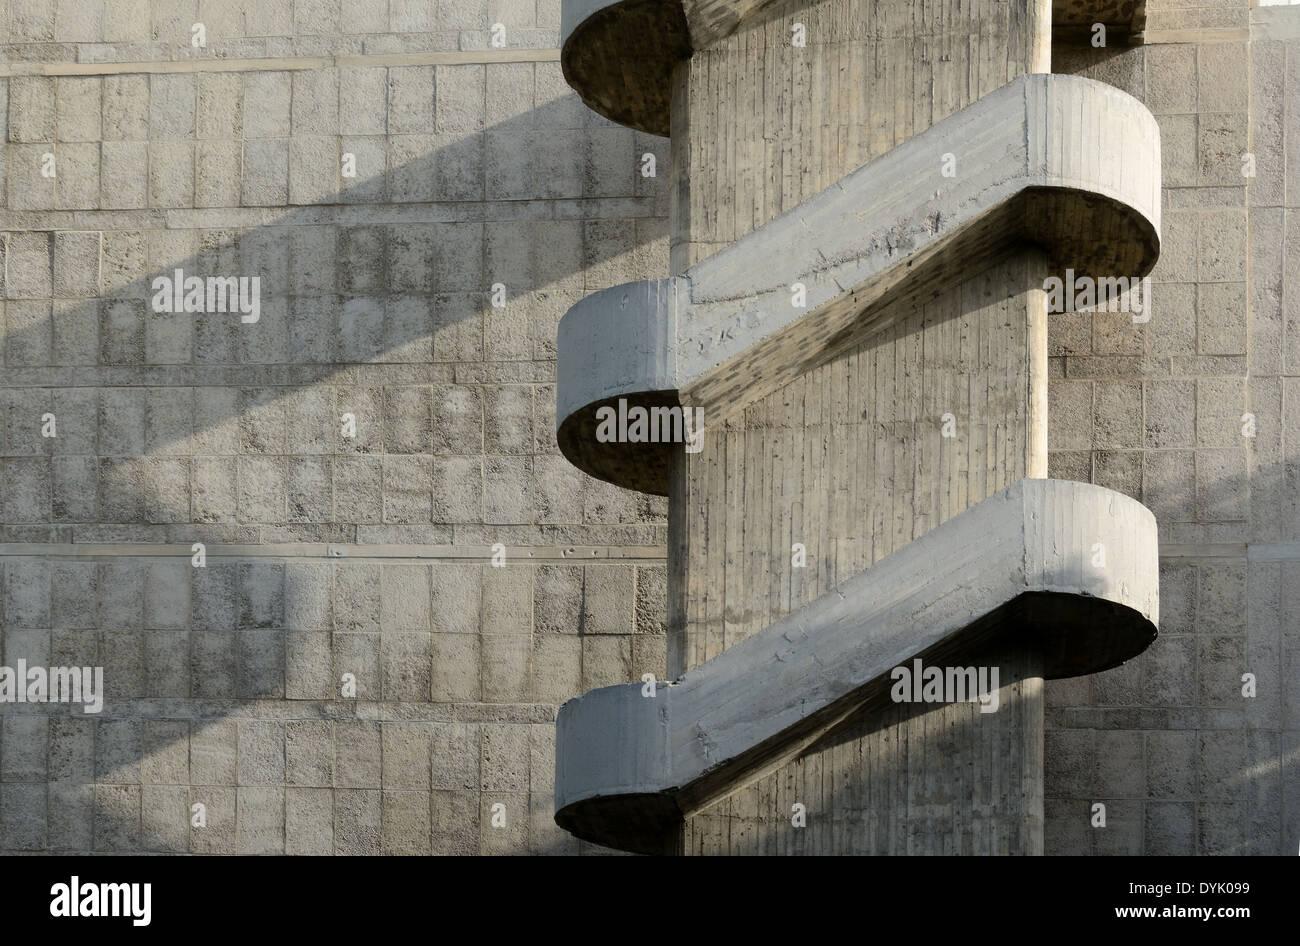 External Staircase of the Unité d'Habitation or Cité Radieuse by Le Corbusier Marseille or Marseilles - Stock Image